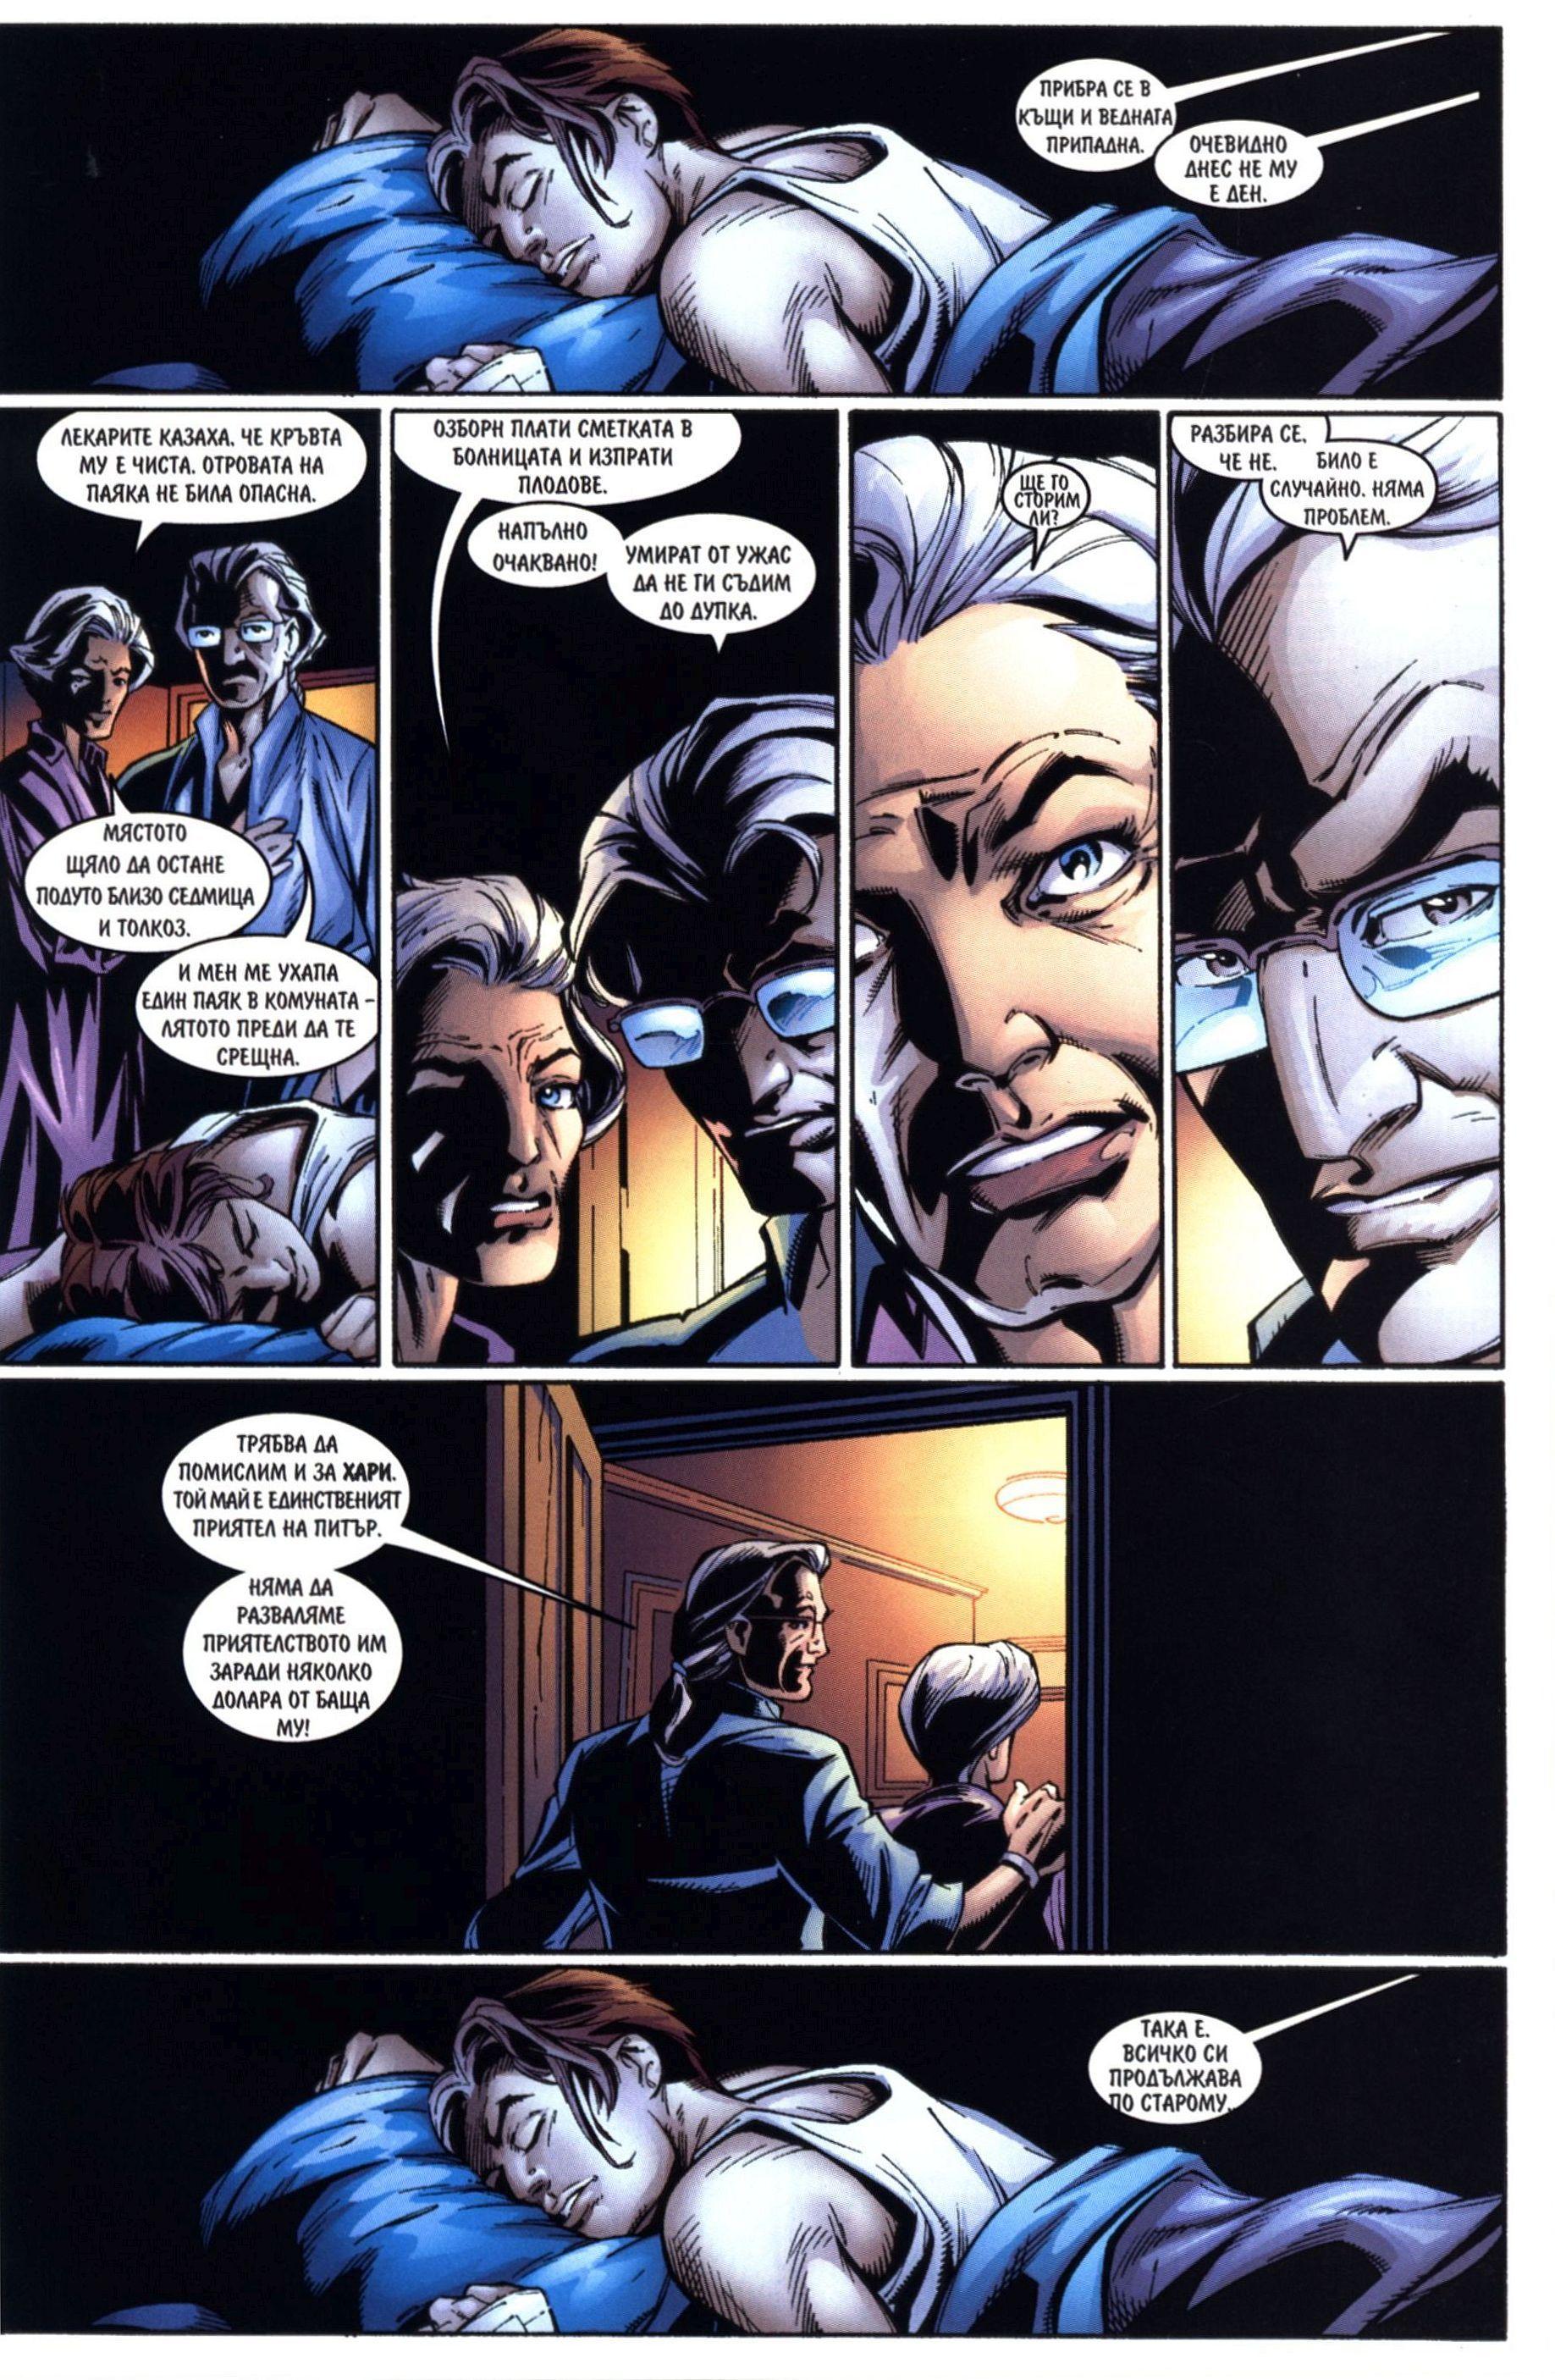 Най-новото от Спайдърмен (Брой 2 / Юли 2006):  Безсилен - част 2 - 7